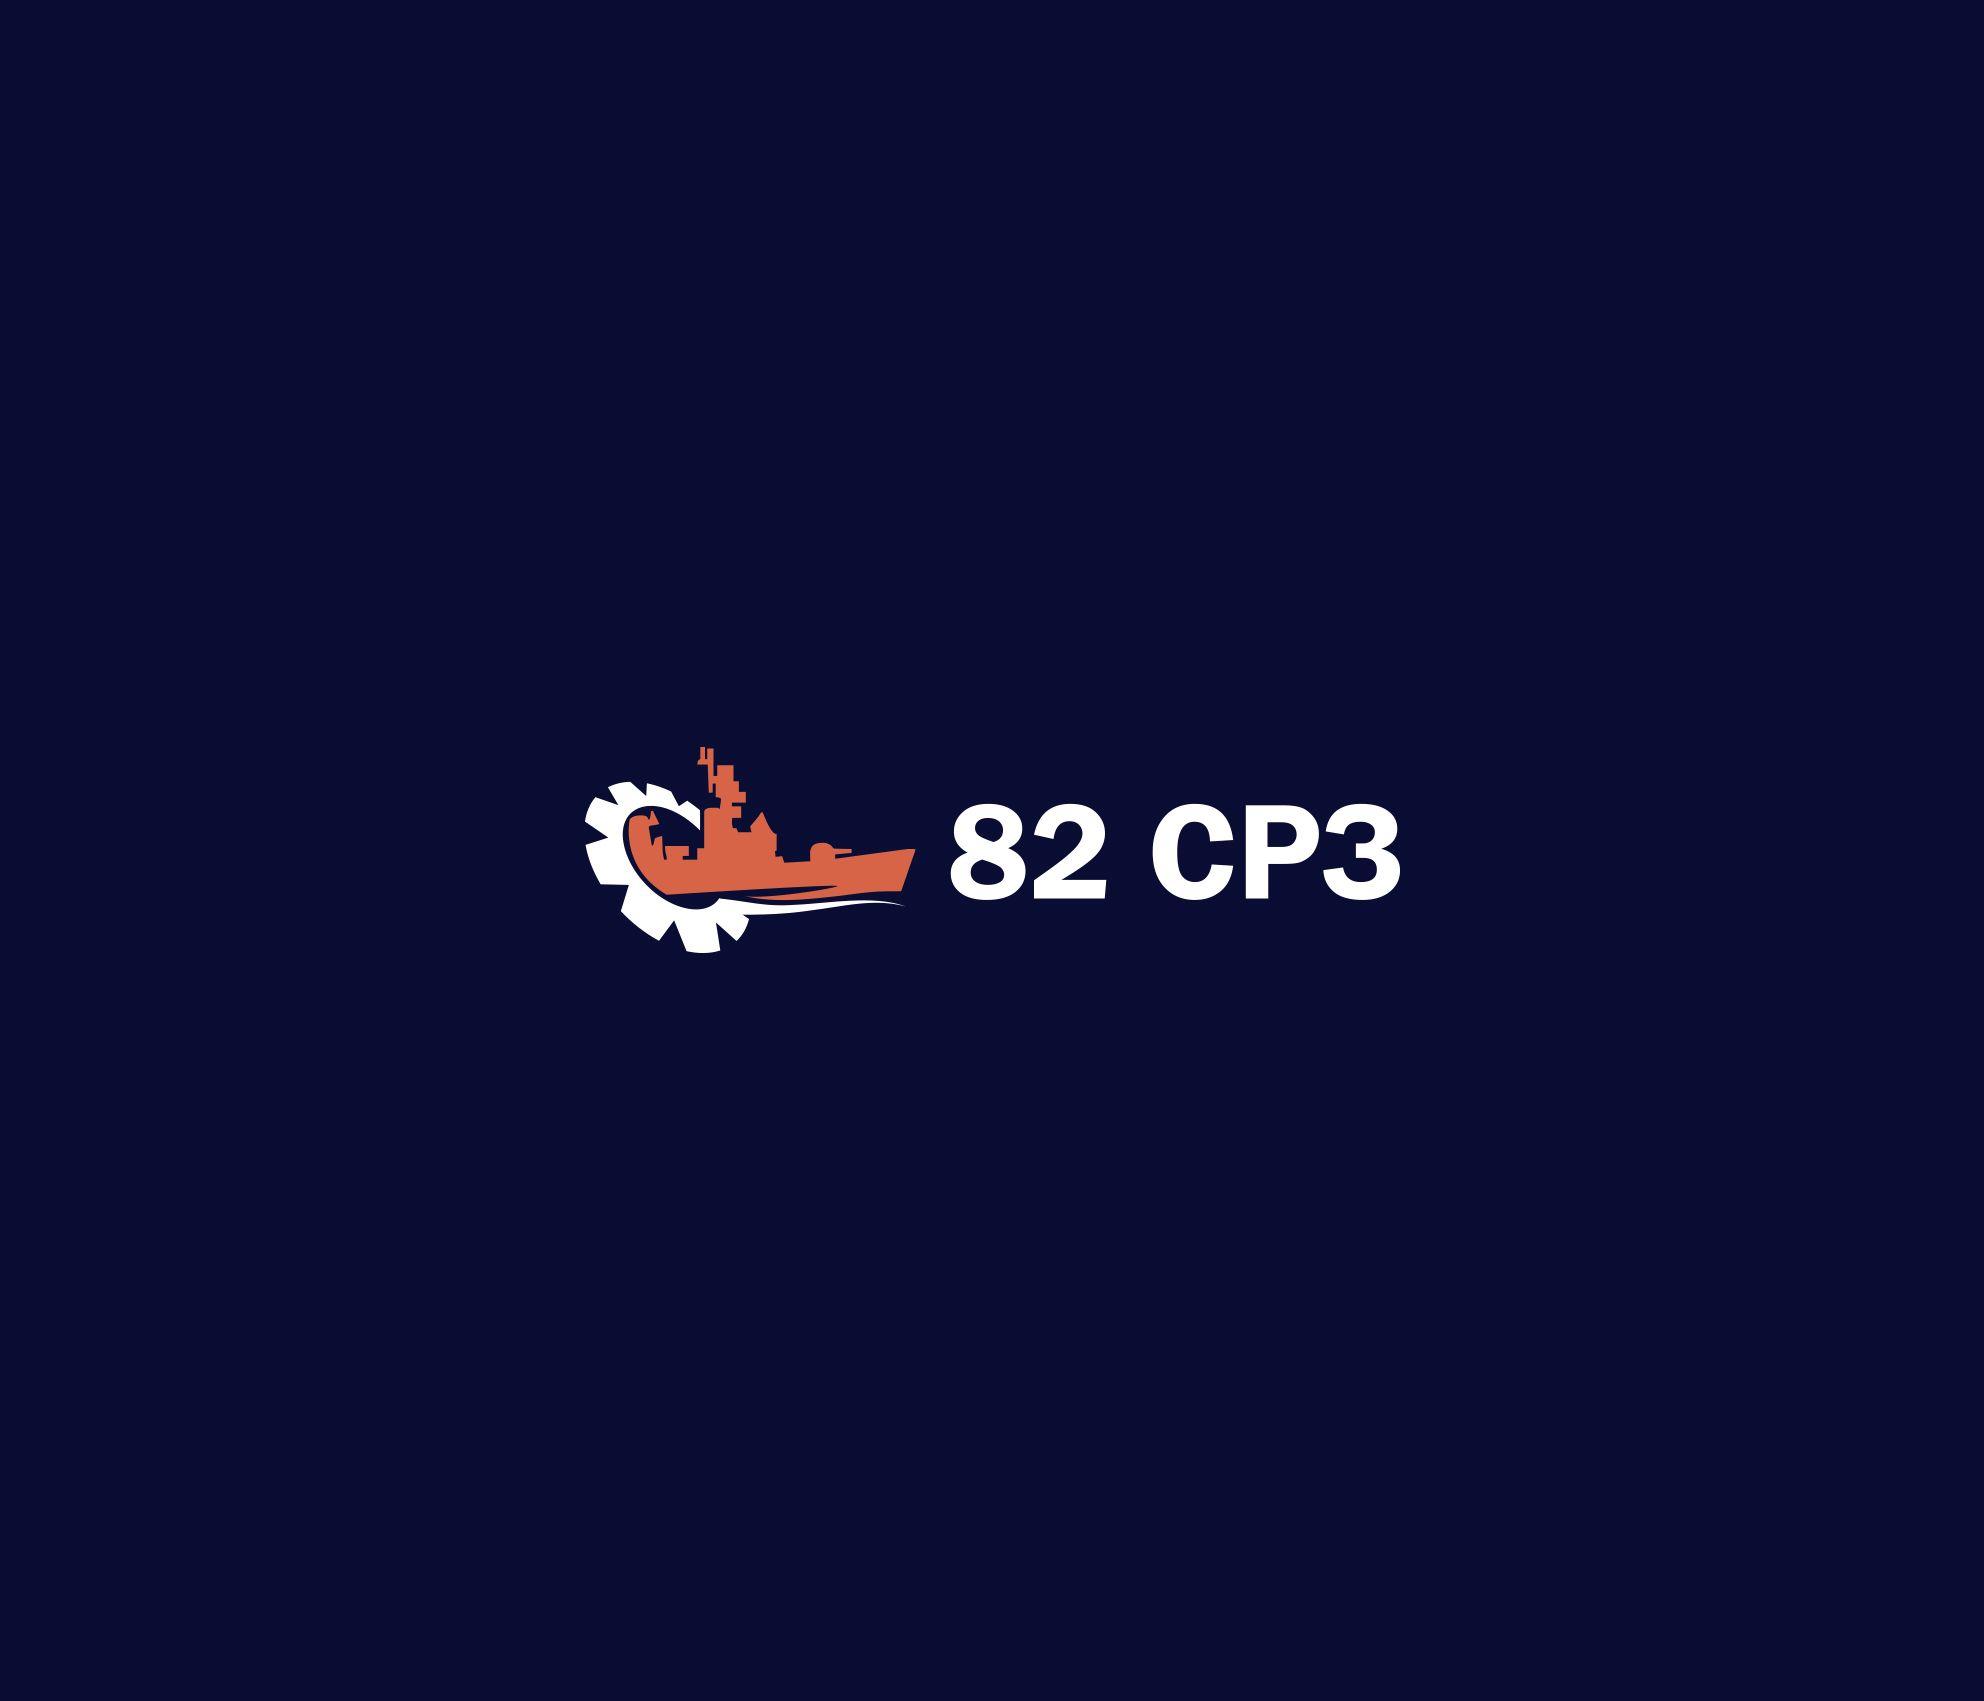 Логотип для судоремонтного завода - дизайнер mkravchenko